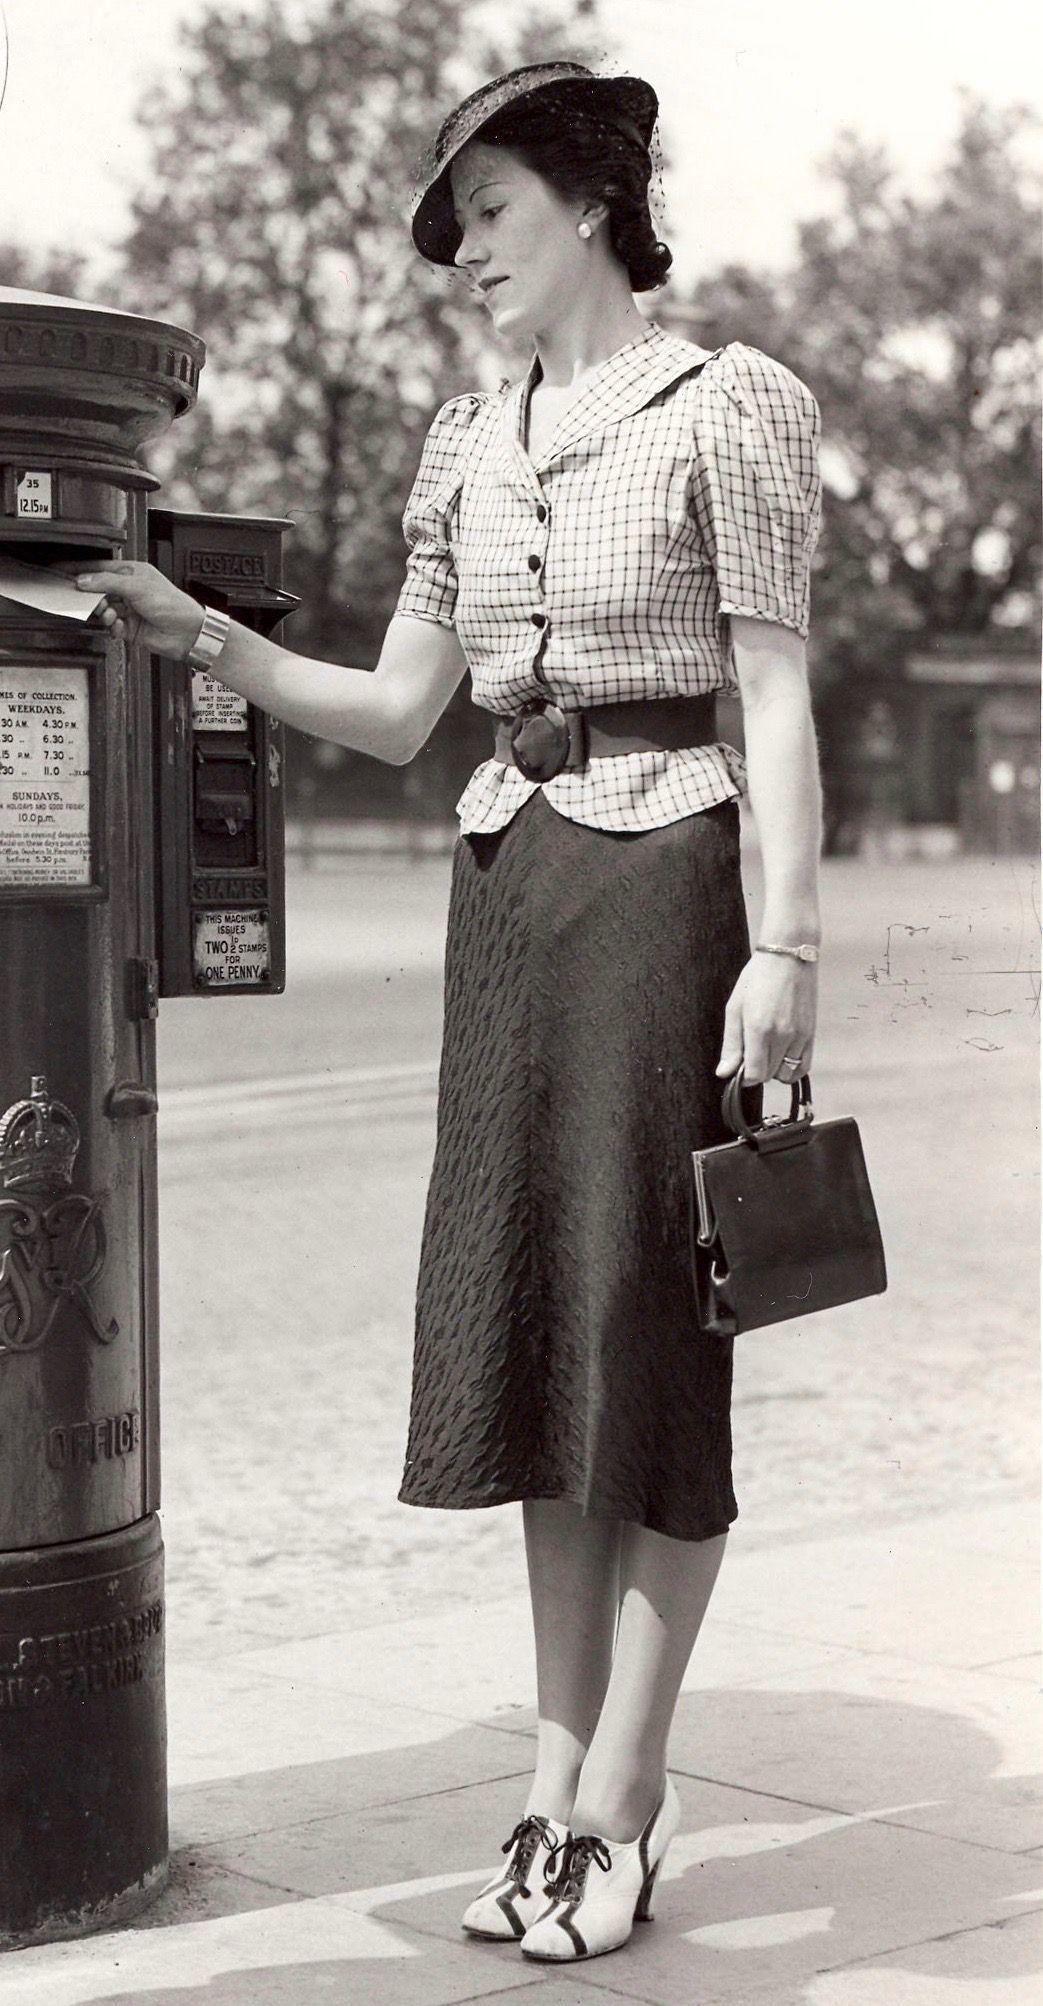 Robe Mode Noire Tailleur Jupes Vintage 1930s 30 Mode Crayon Année xOqFqwC60